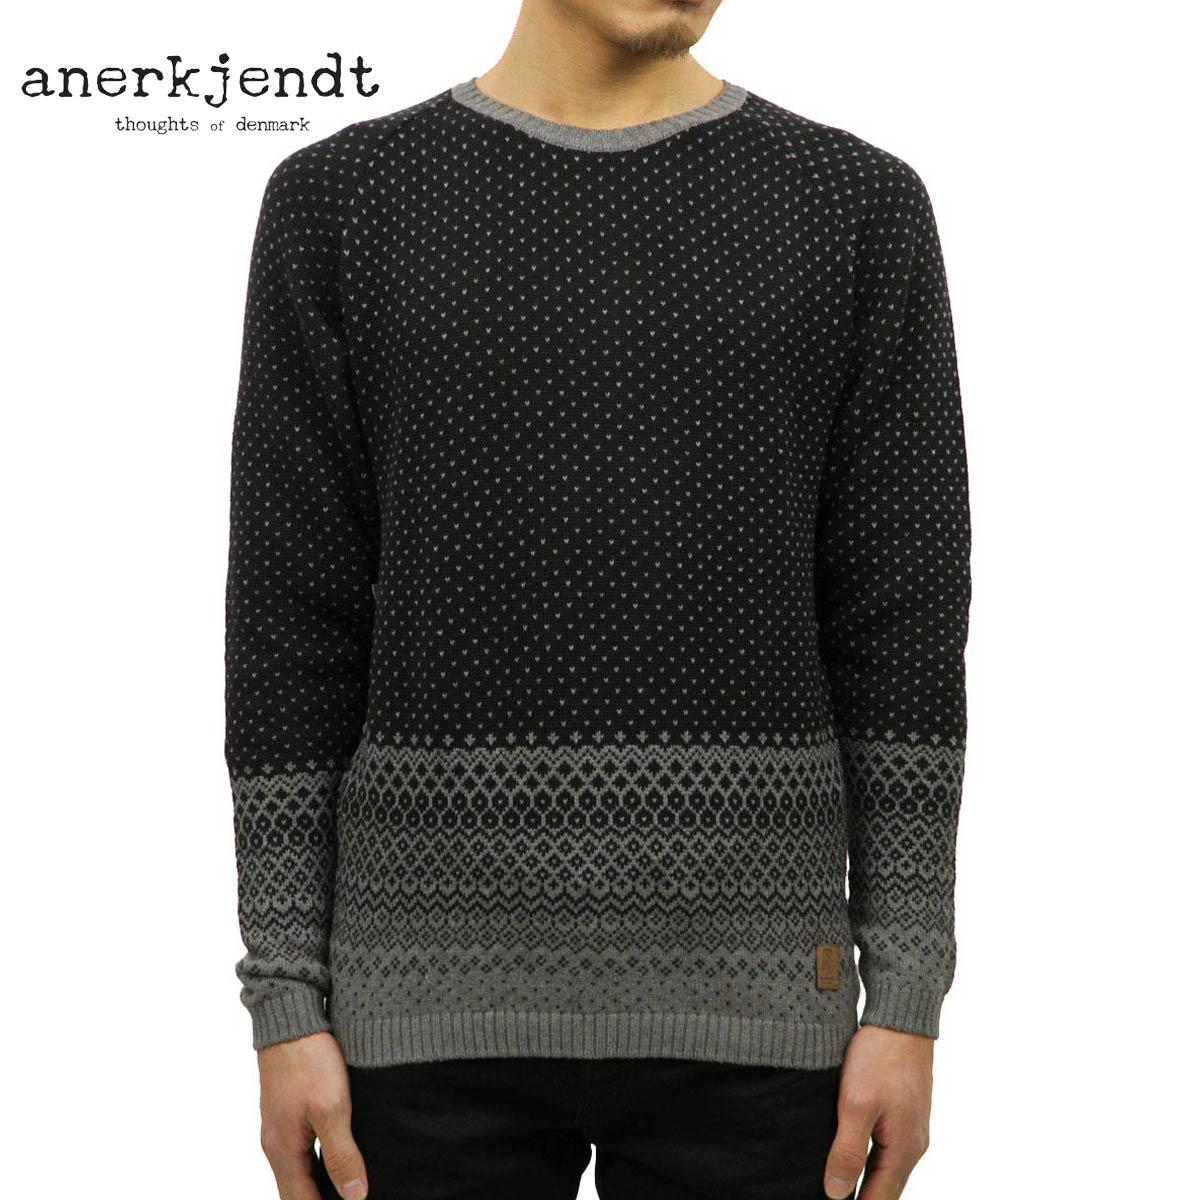 アナケット ANERKJENDT 正規販売店 正規品 メンズ セーター LIBAN KNIT 9515212 Caviar D15S25